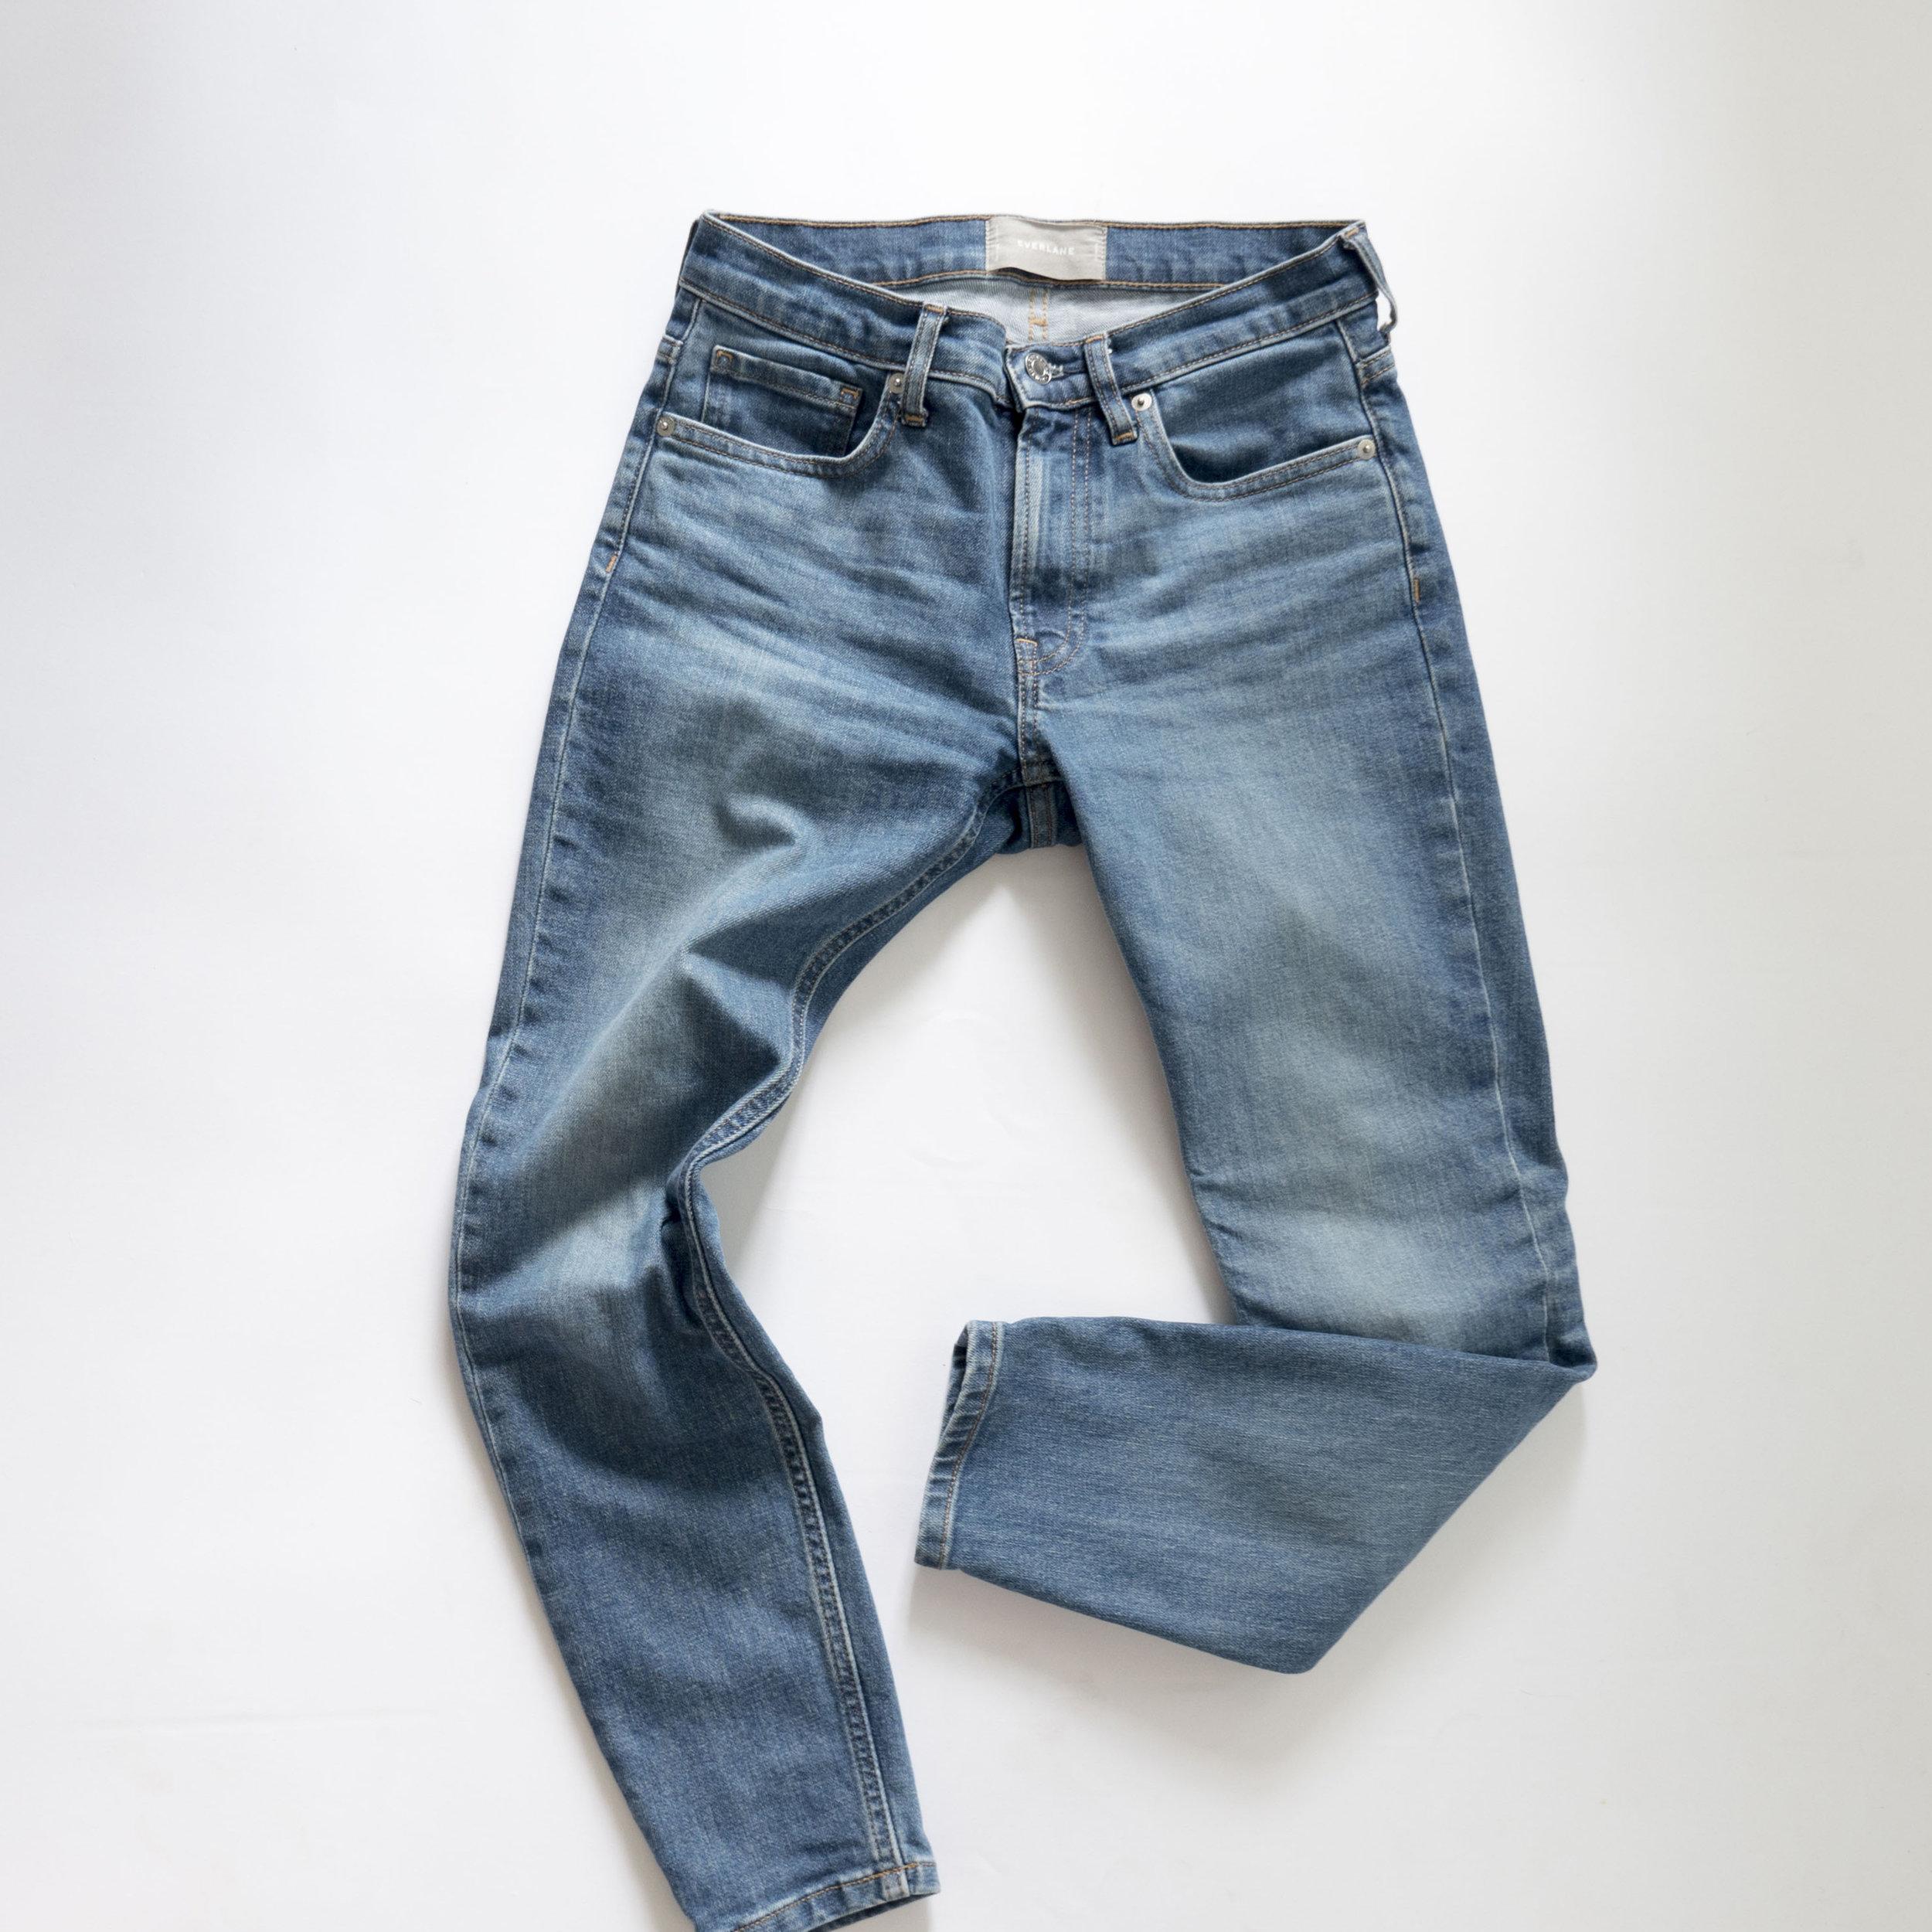 everlane-skinny-crop-jeans.jpg